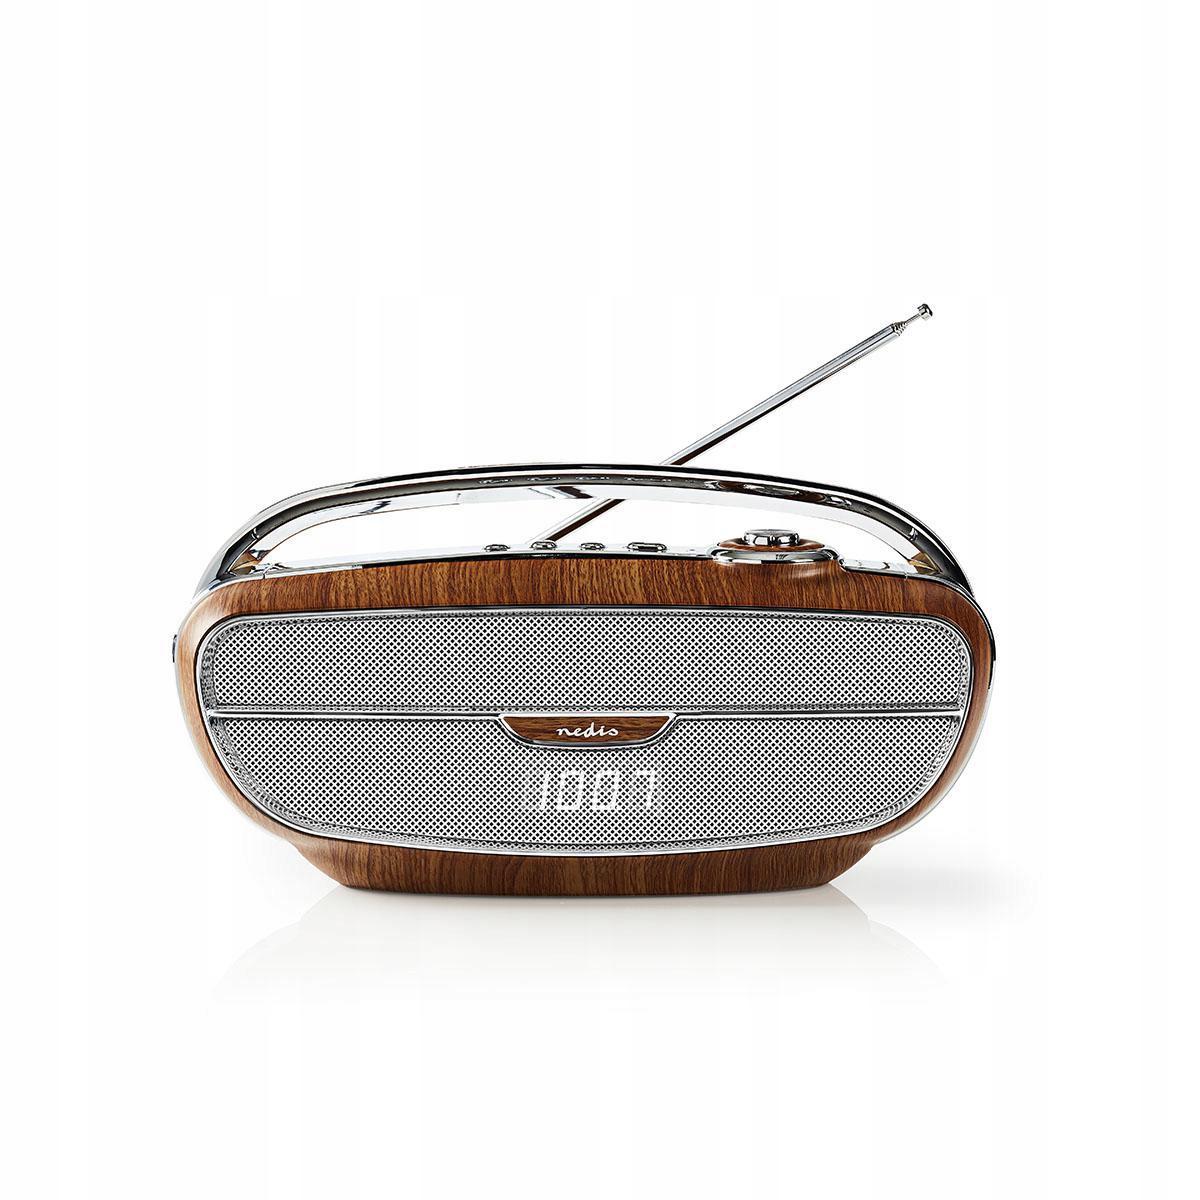 FM Rádio, Bluetooth NEDIS RETRO ŠTÝL vo vašej domácnosti